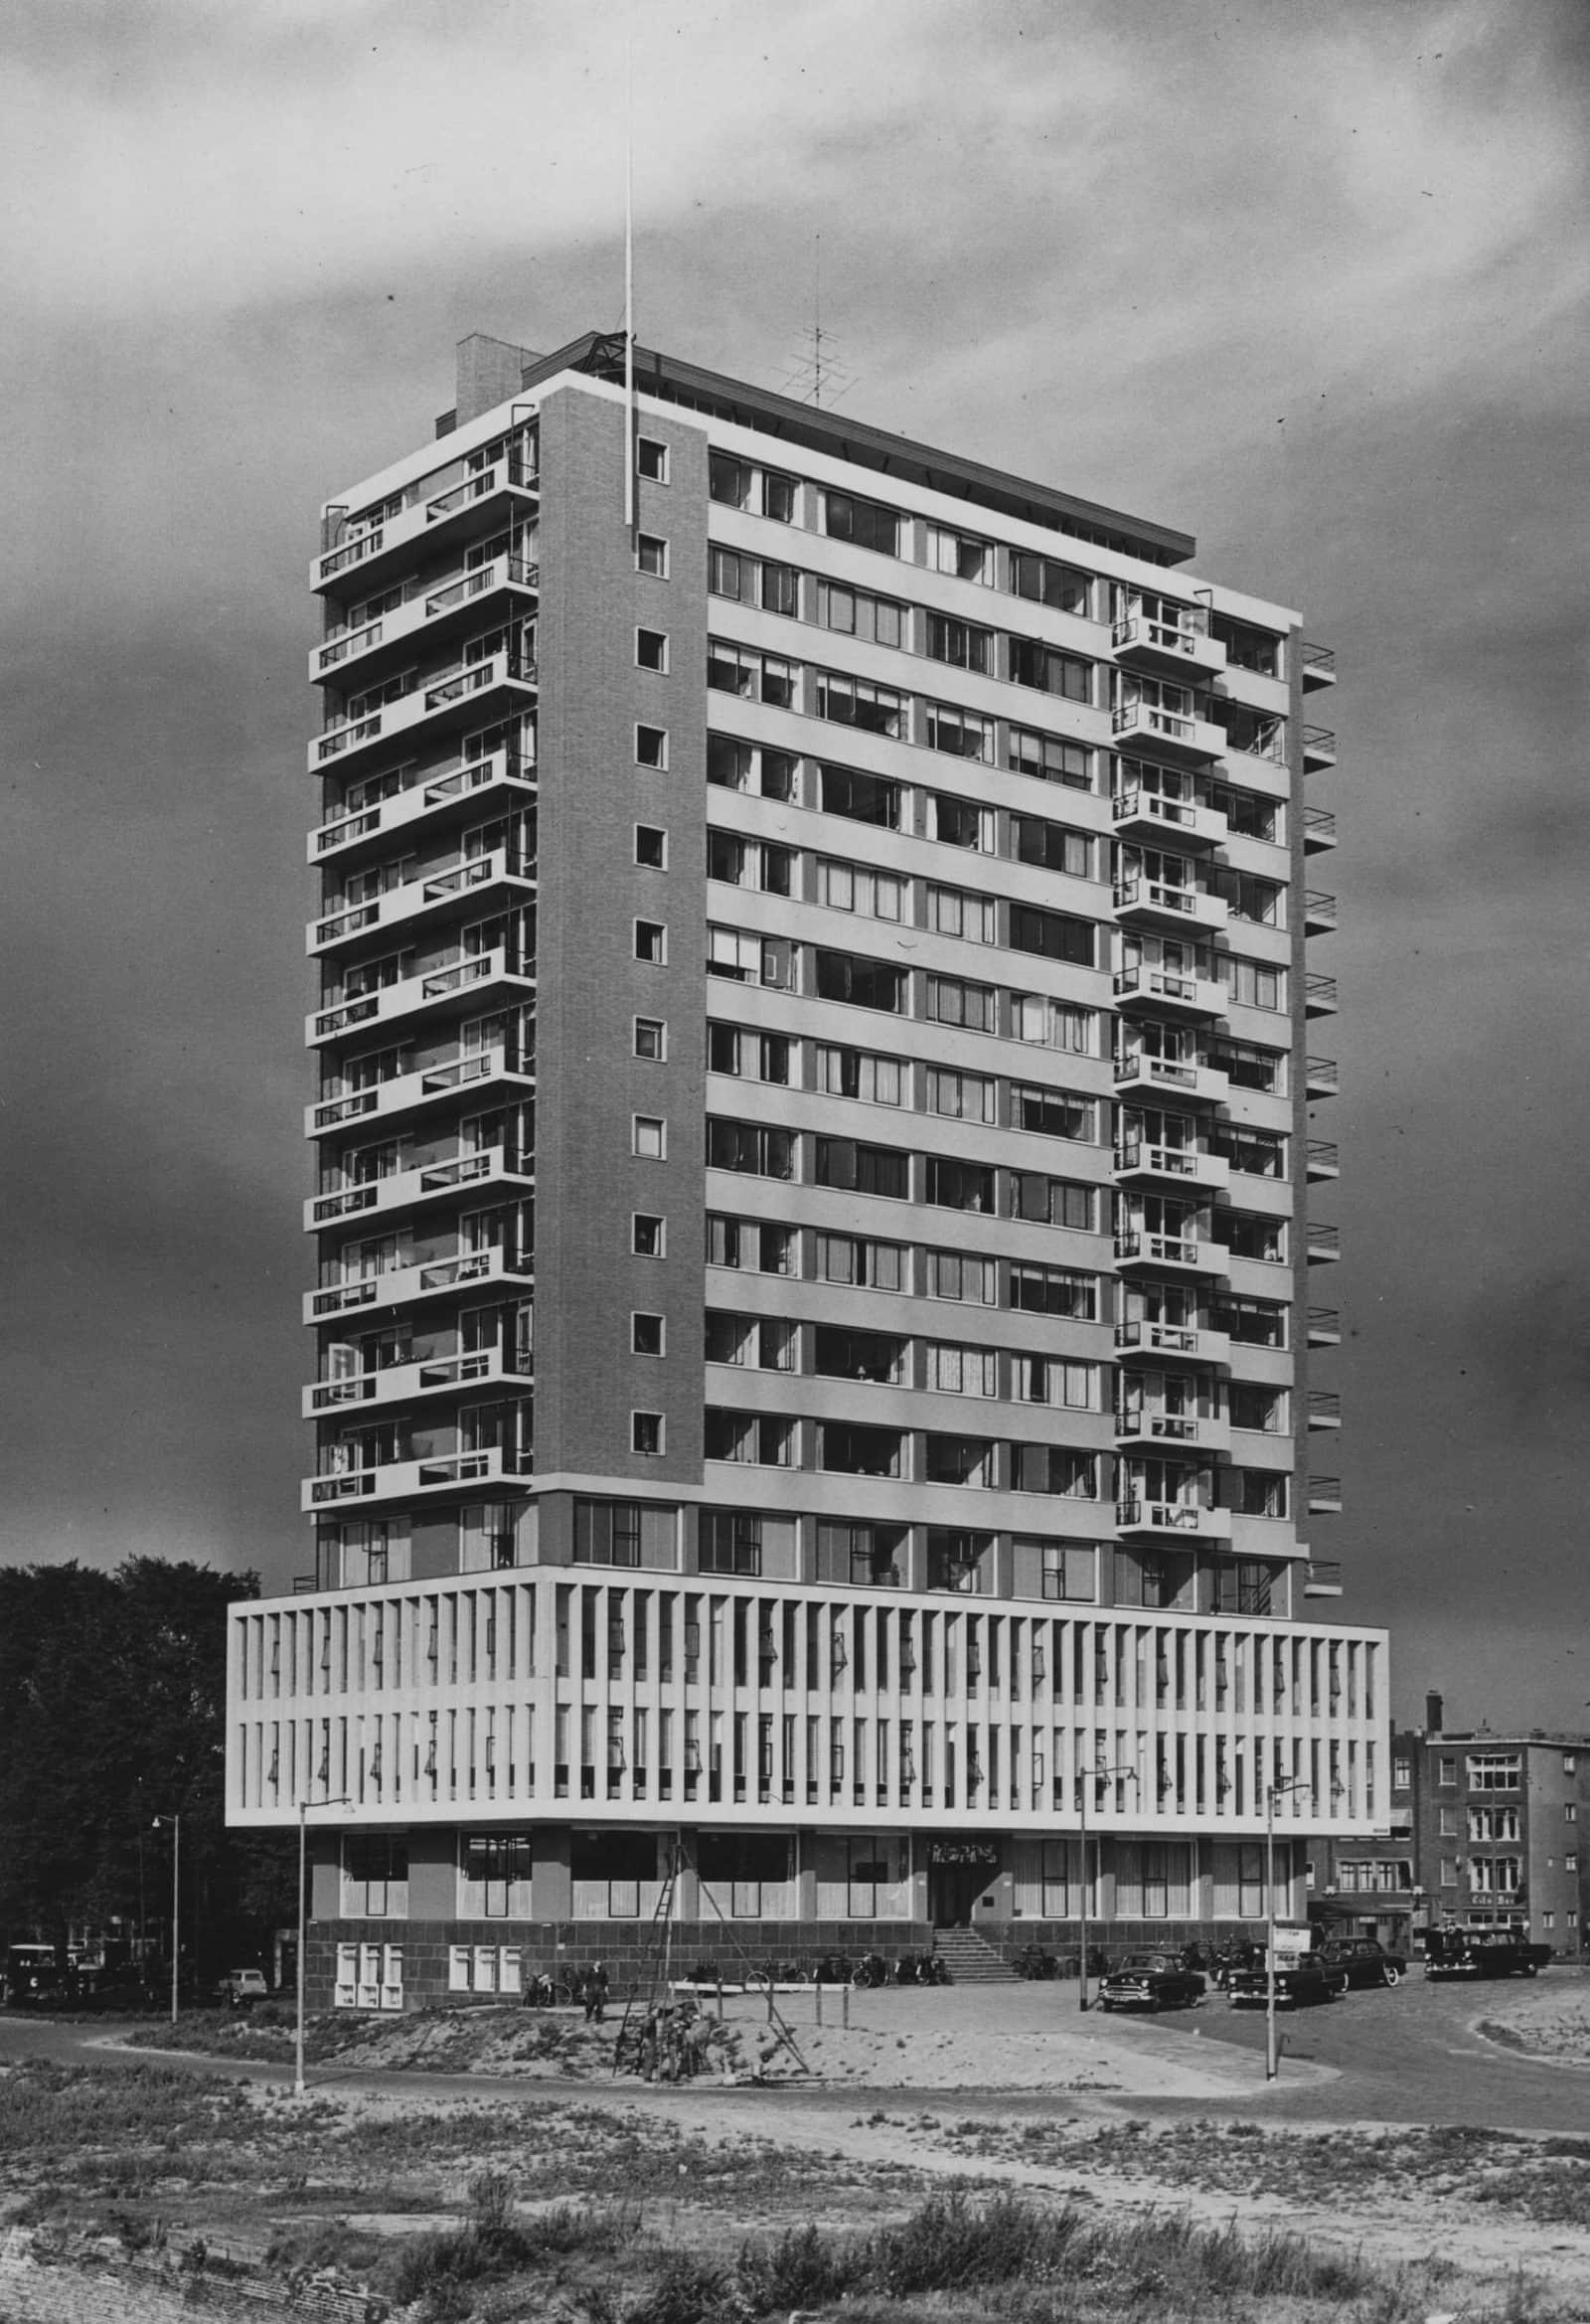 Maastorenflat-NL-Rt SA_4117_1976-7053